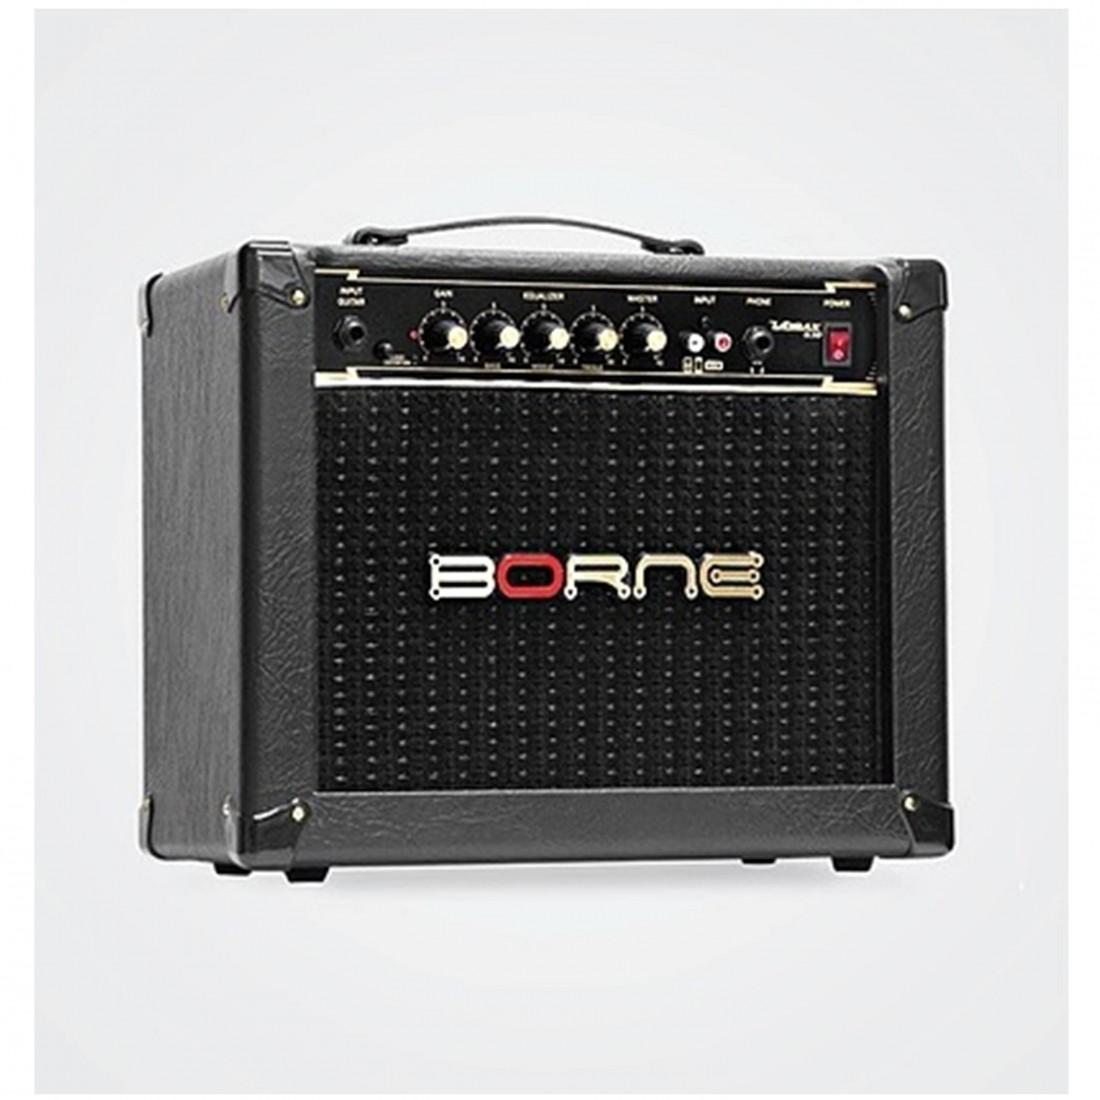 Imagem do produto Caixa Amplificada Guitarra Borne Vorax 630 25 watts